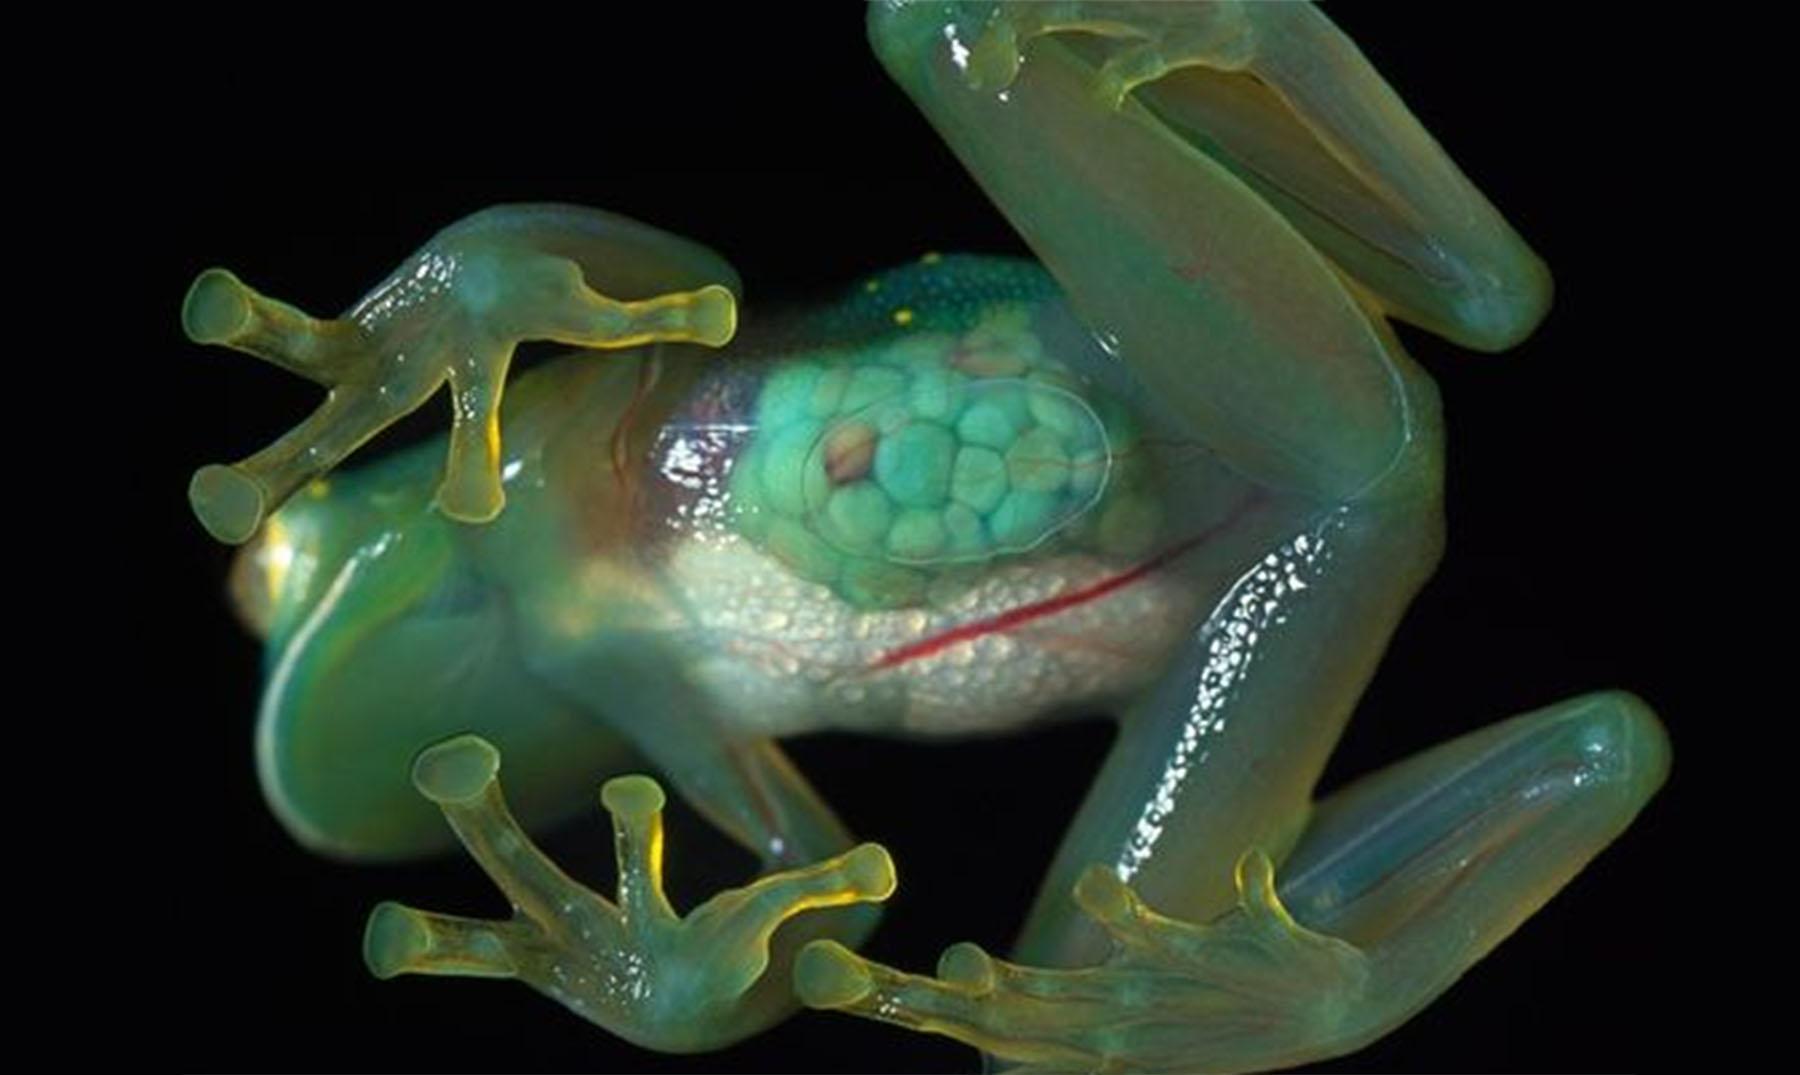 La rana de cristal: transparencia natural